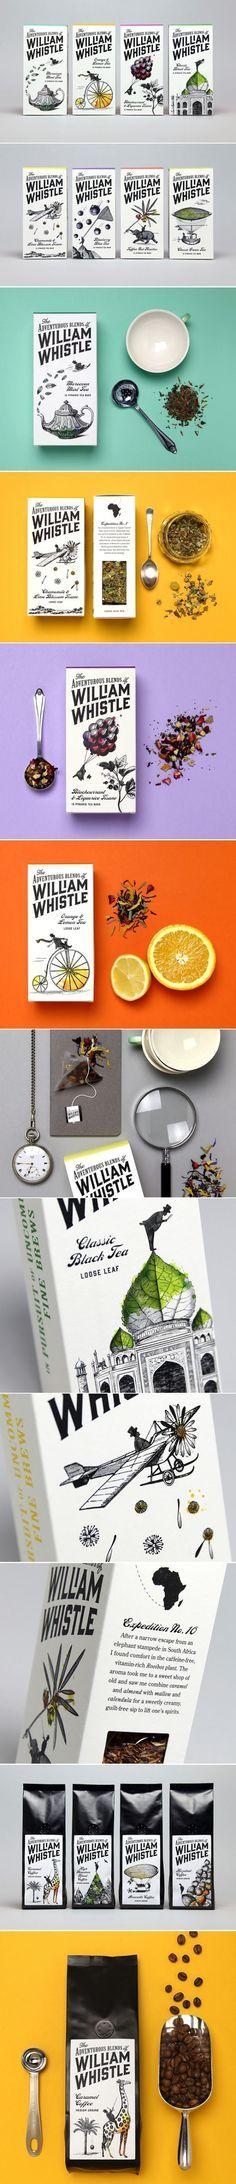 Unique packaging design. William Whistle.